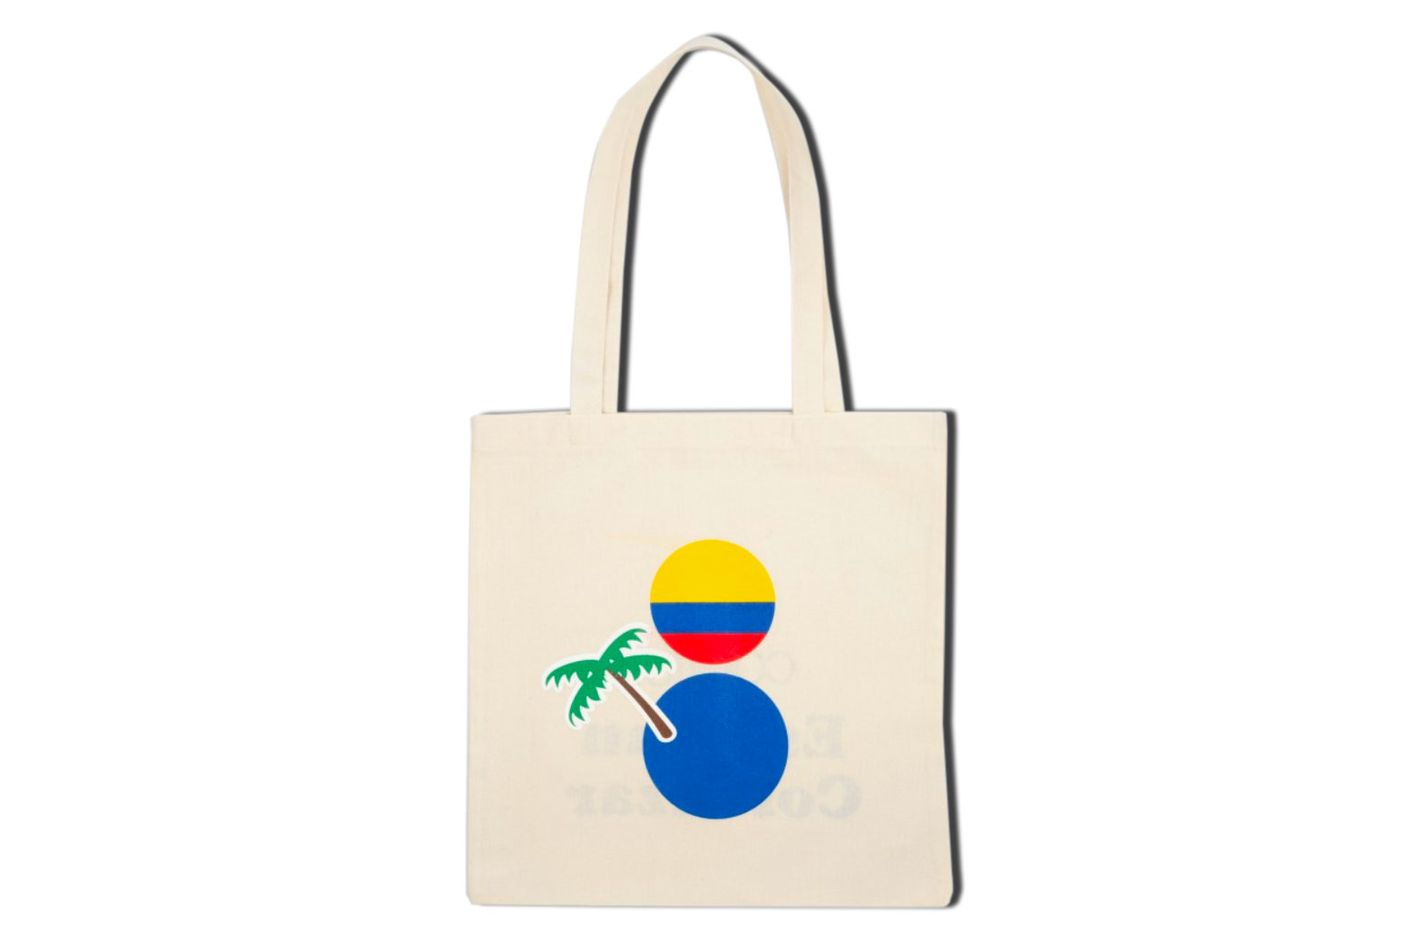 Esteban Cortazar x Colette Tote Bag